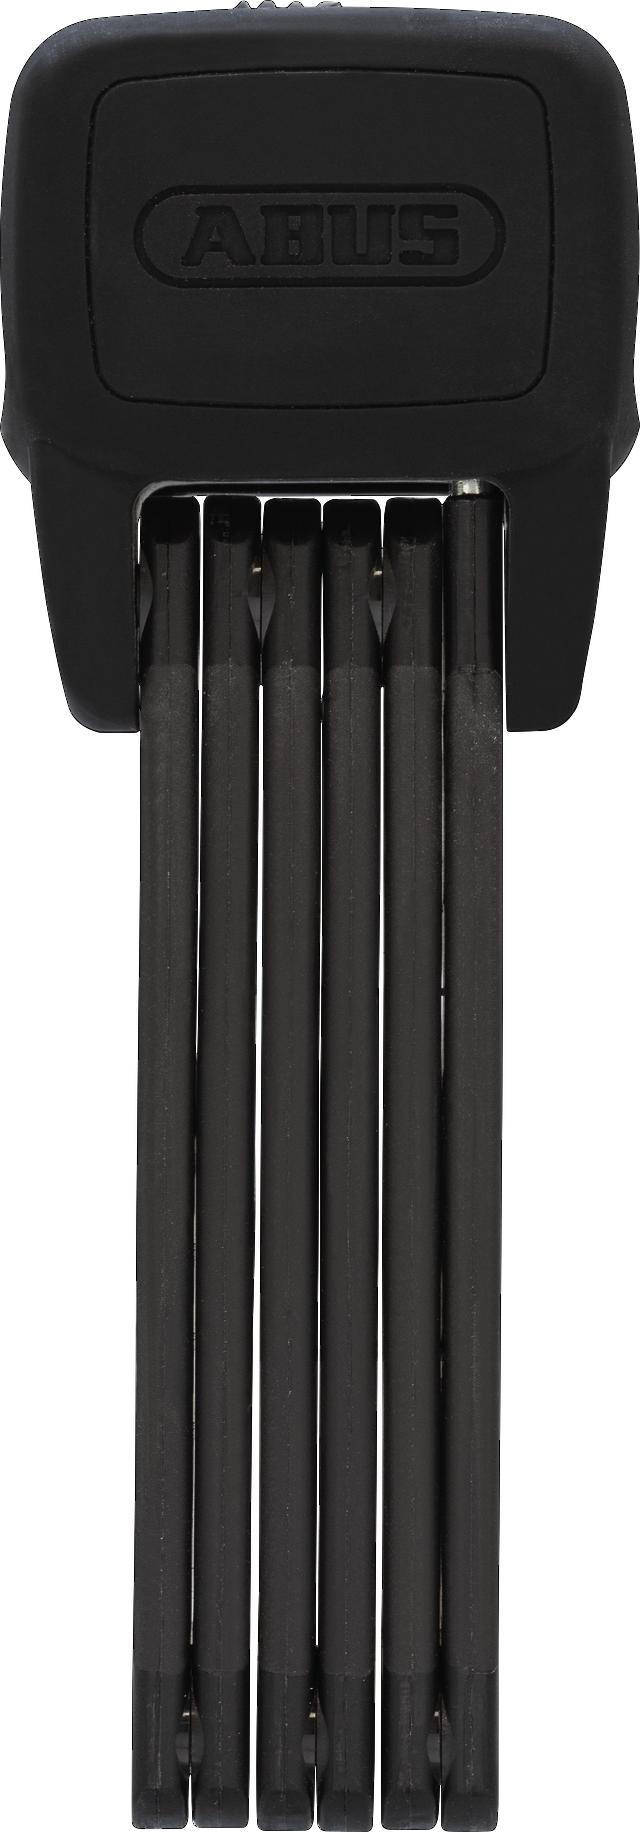 Abus Bordo 6000PZ/90 mit EC550 Zylinder, Faltschloss mit Halter